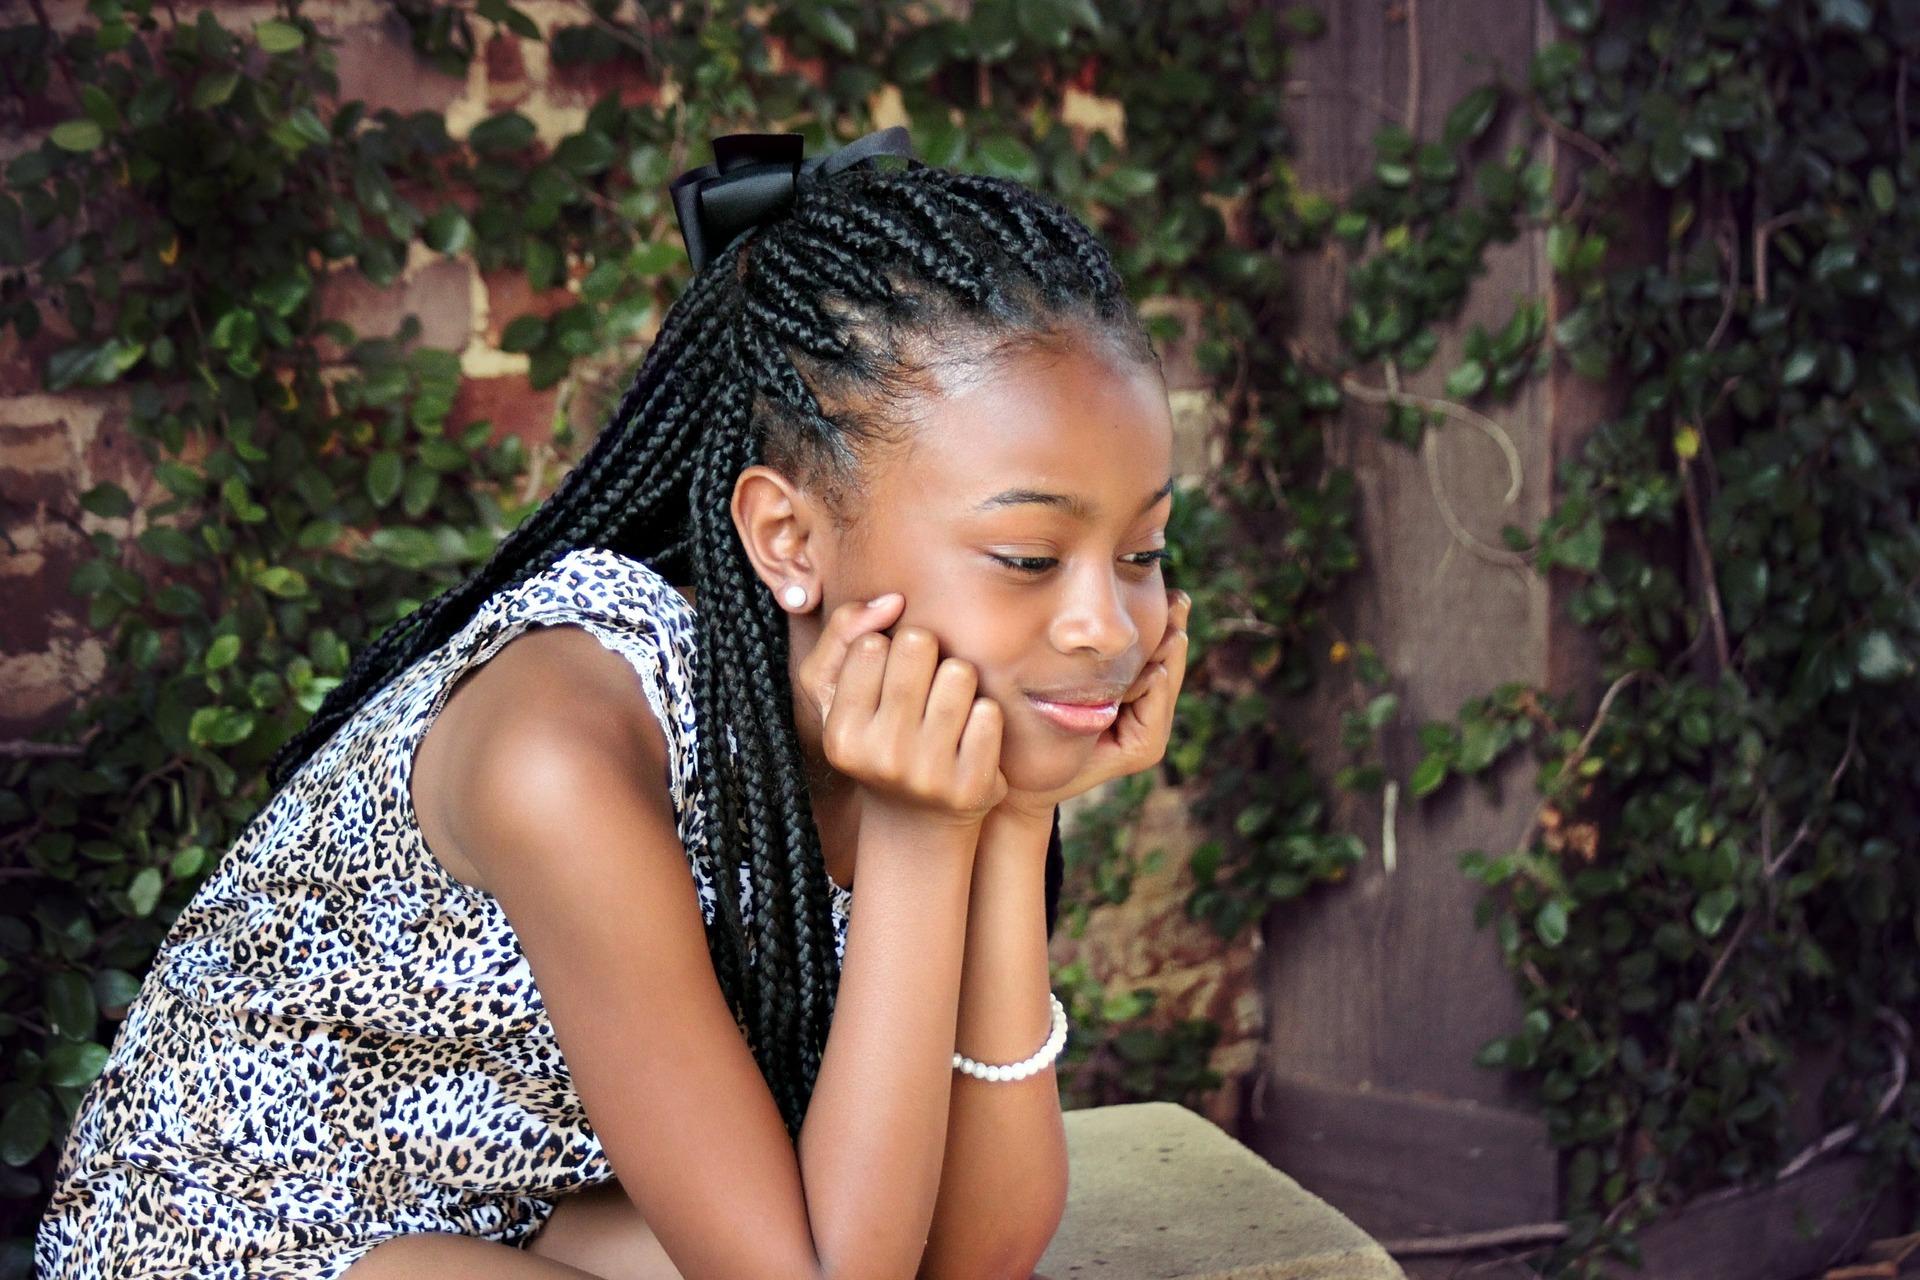 Autoestima infantil: cabelo crespo e representatividade